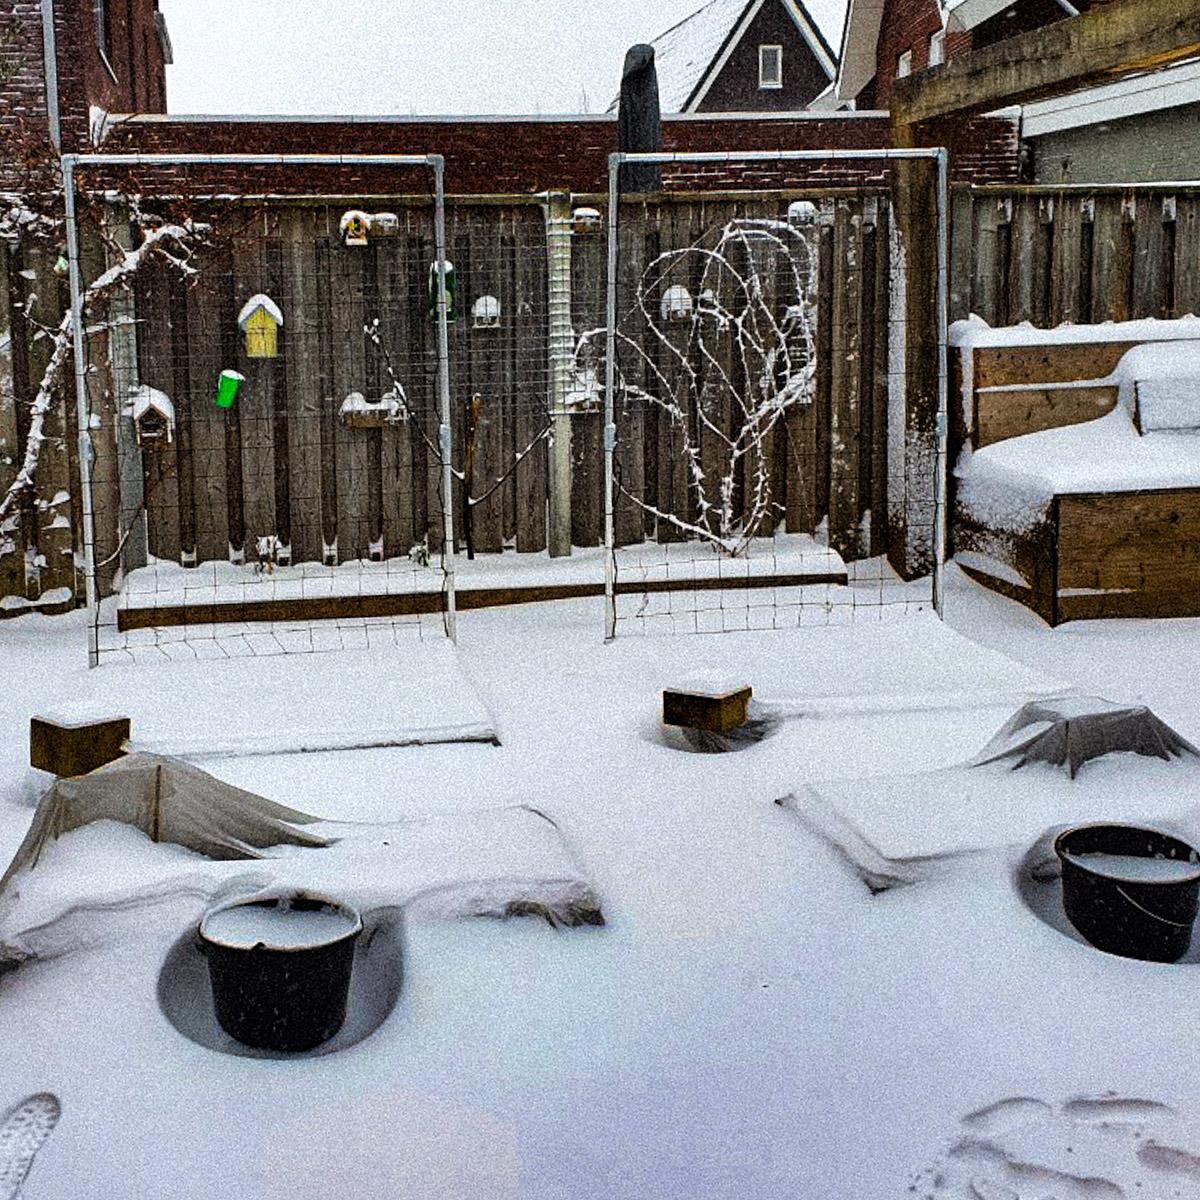 De Makkelijke Moestuin van GreenLizz is onder sneeuw bedolven.